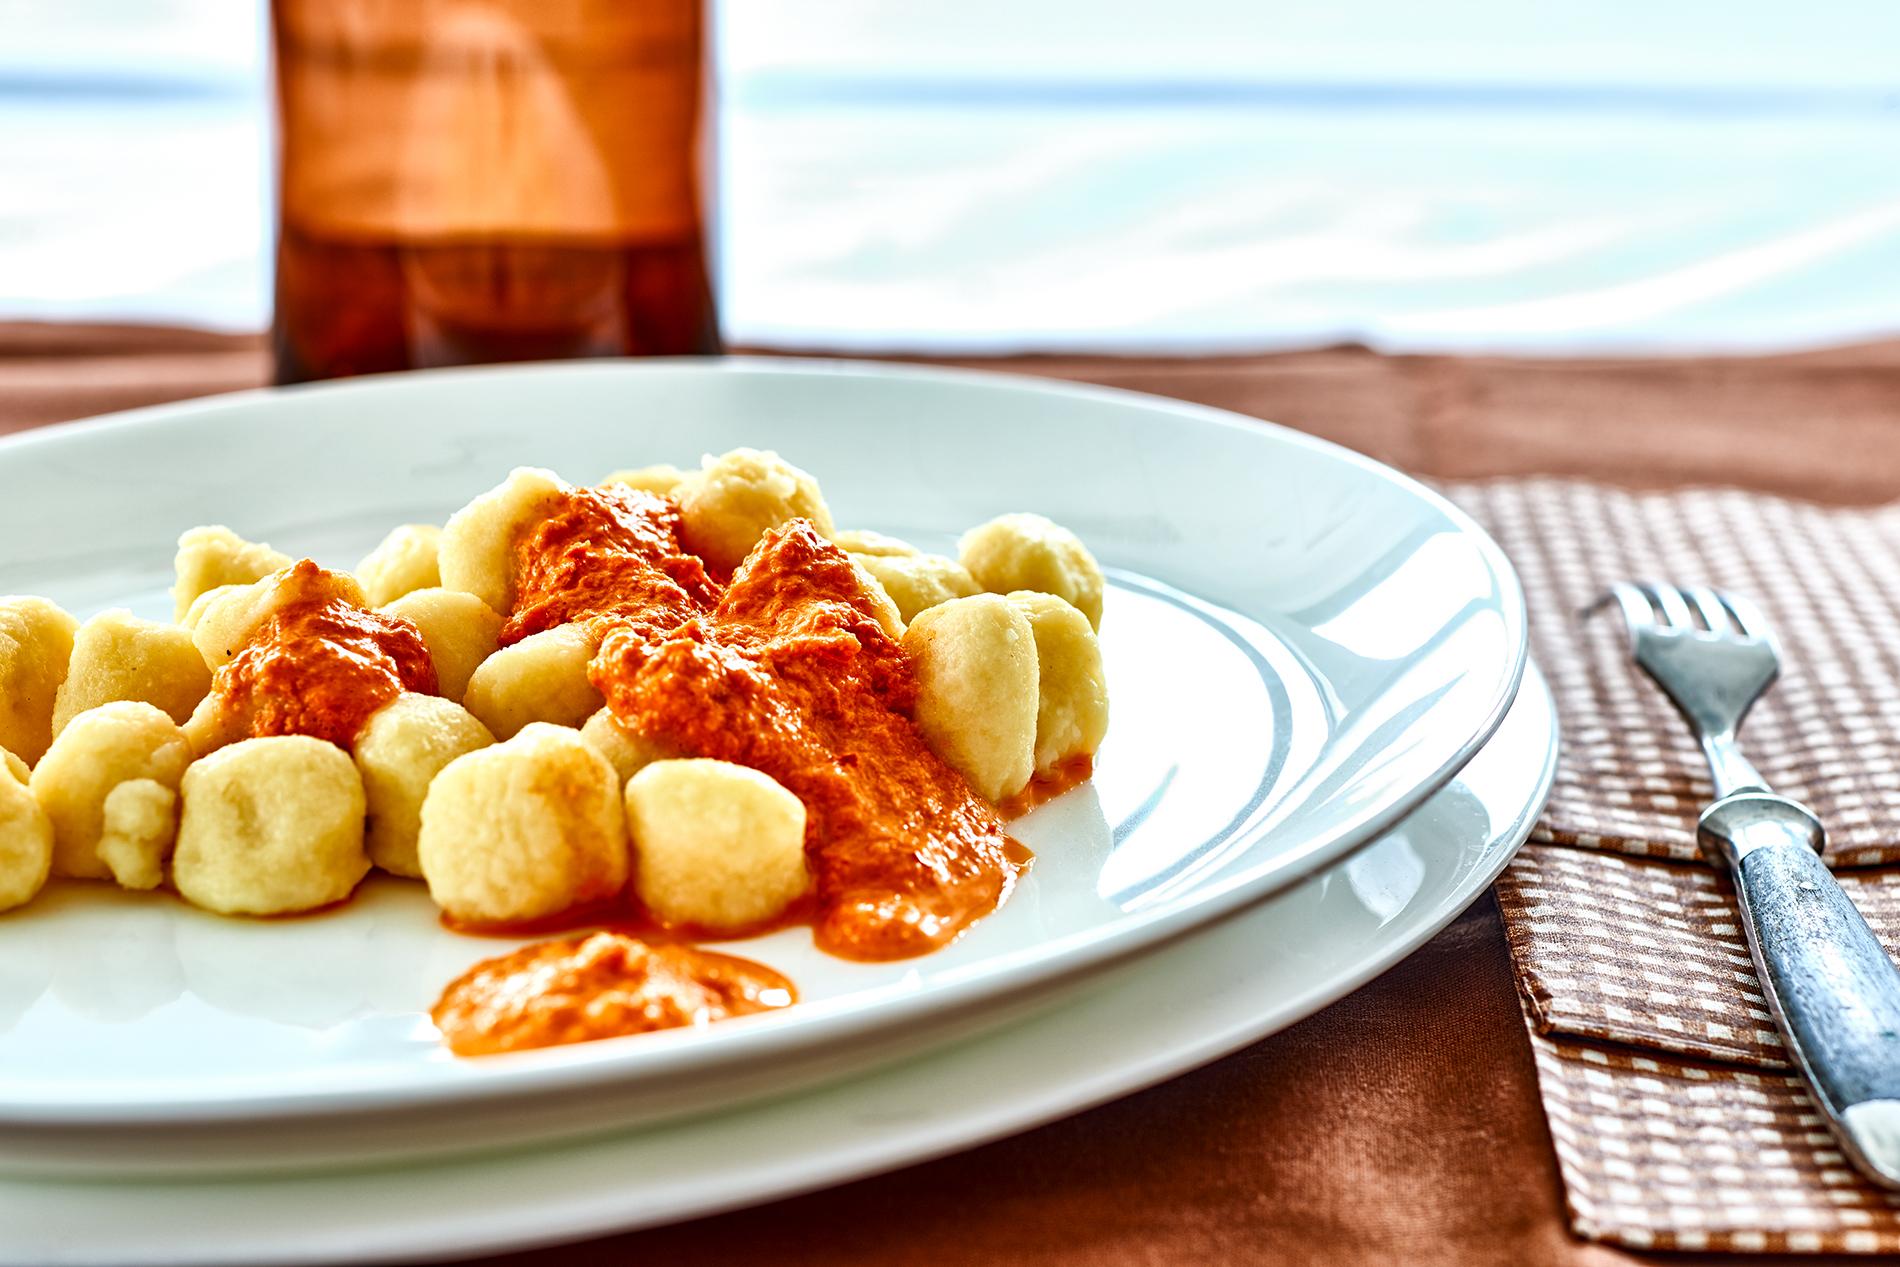 Gnocchi serviert auf einem weißen Teller mit Paprikasoße